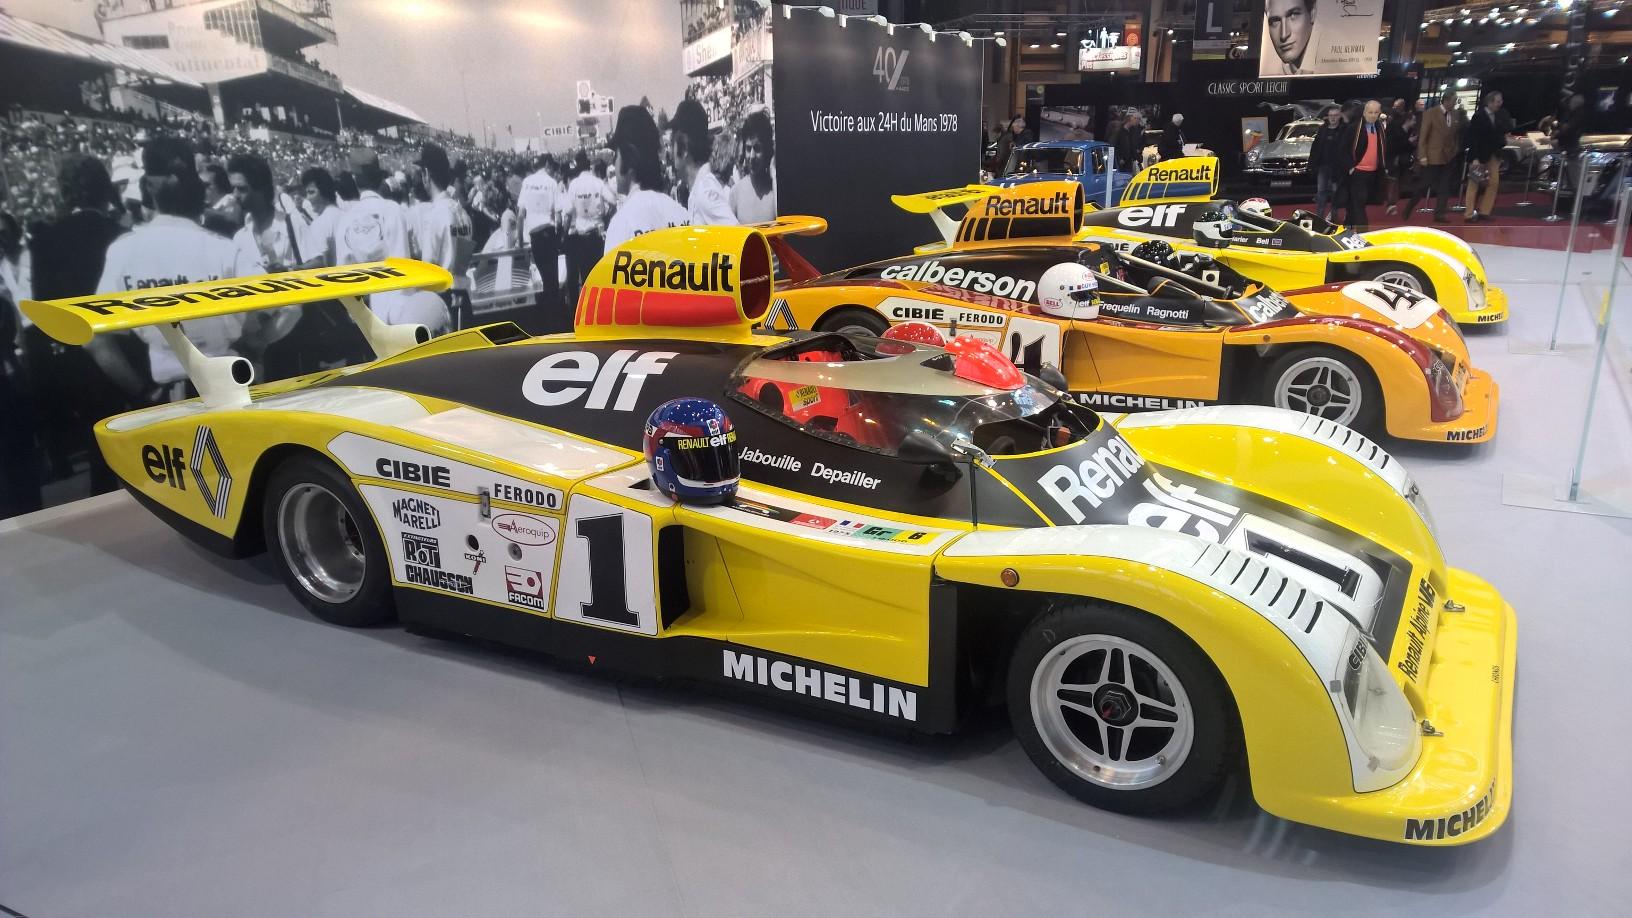 For å feire at det er 40 år siden Renault vant Le Mans, tok Renault med alle fire bilene som man brukte under løpet i 1978 (selve vinnerbilen stod litt bortenfor de andre tre) fra museumssamlingen sin. Et herlig skue, og en fin detalj var at man hadde lagt hjelmene til alle førerne på hver sin bil (den gangen var det to førere som delte på å kjøre 24-timers løpet).